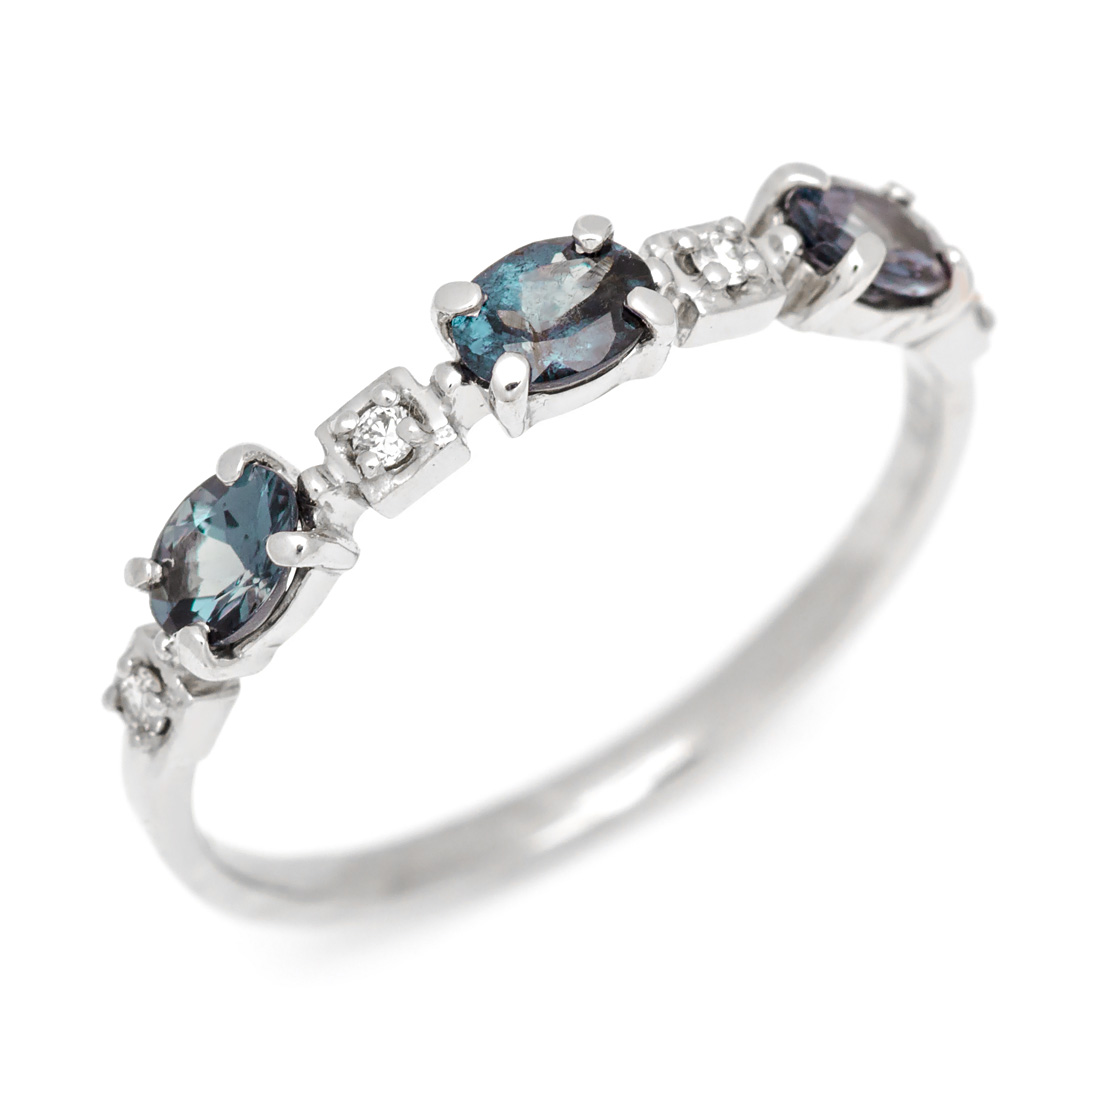 【GWクーポン配布中】K18 カラーチェンジガーネットダイヤモンド リング 「purezza」送料無料 指輪 ゴールド 18K 18金 ダイアモンド 誕生日 1月誕生石 刻印 文字入れ メッセージ ギフト 贈り物 ピンキーリング対応可能